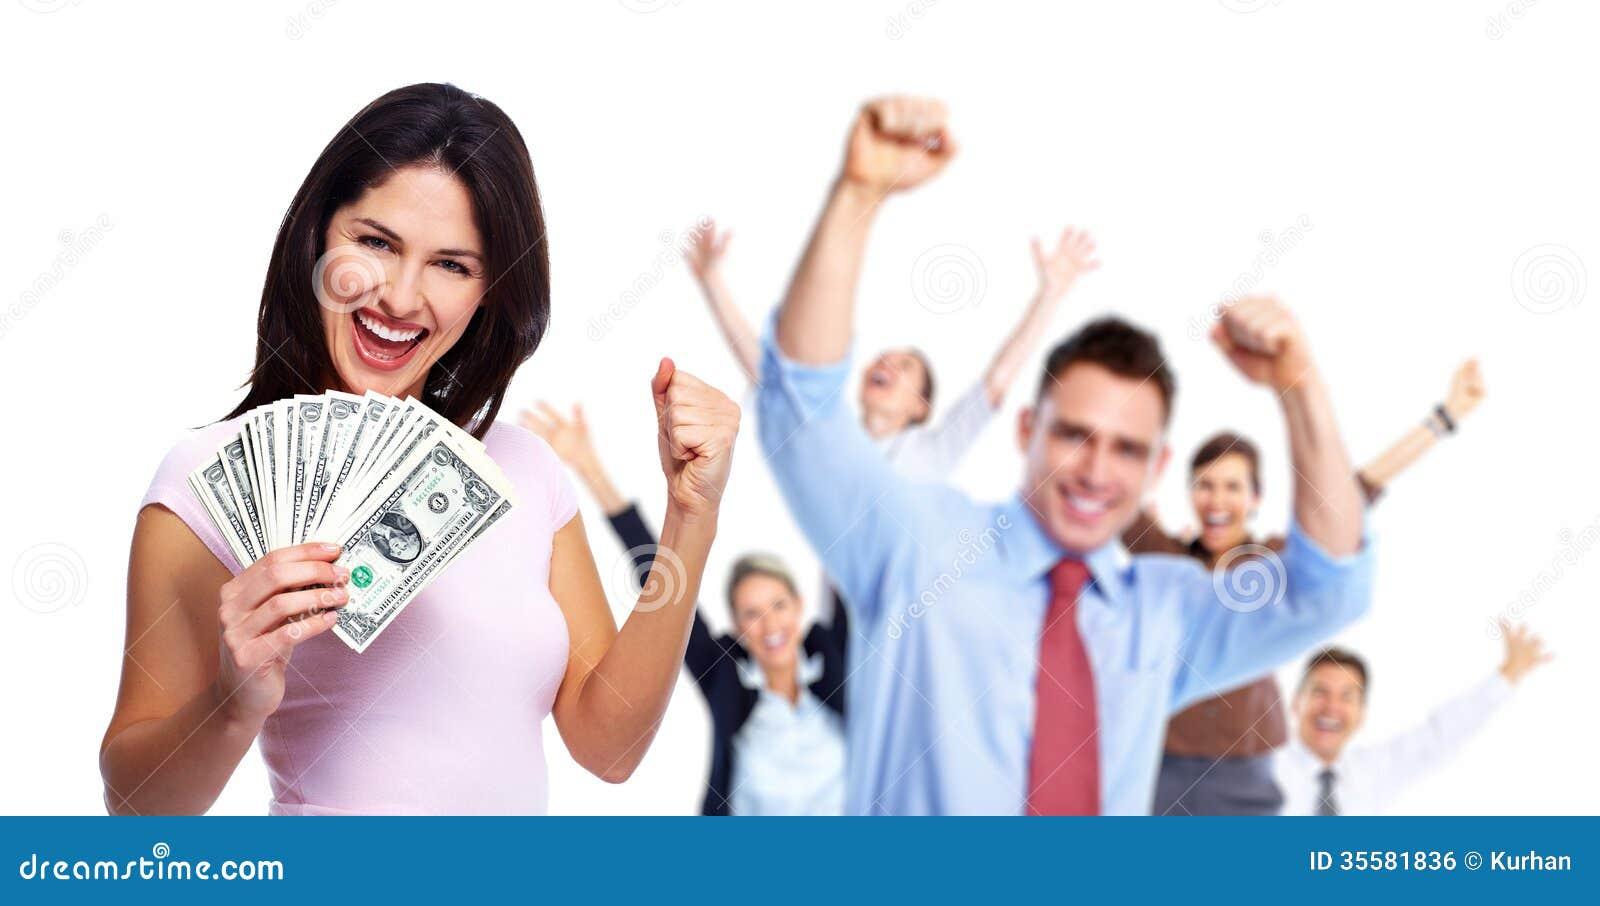 Glückliche Frau mit Geld